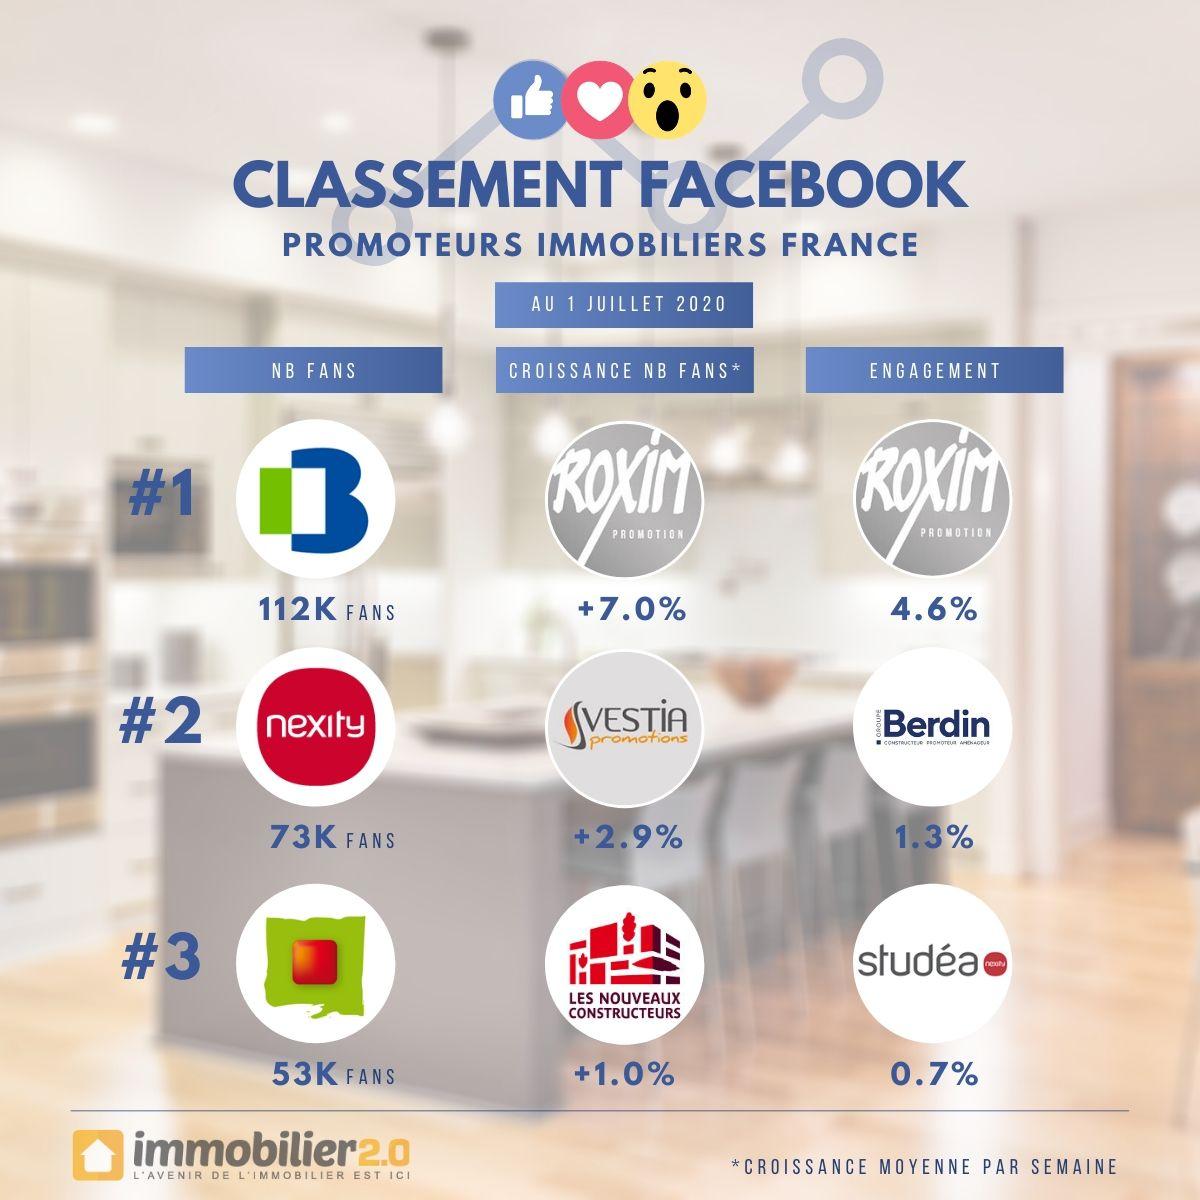 Classement Facebook Promoteurs Immobiliers France Juillet 2020